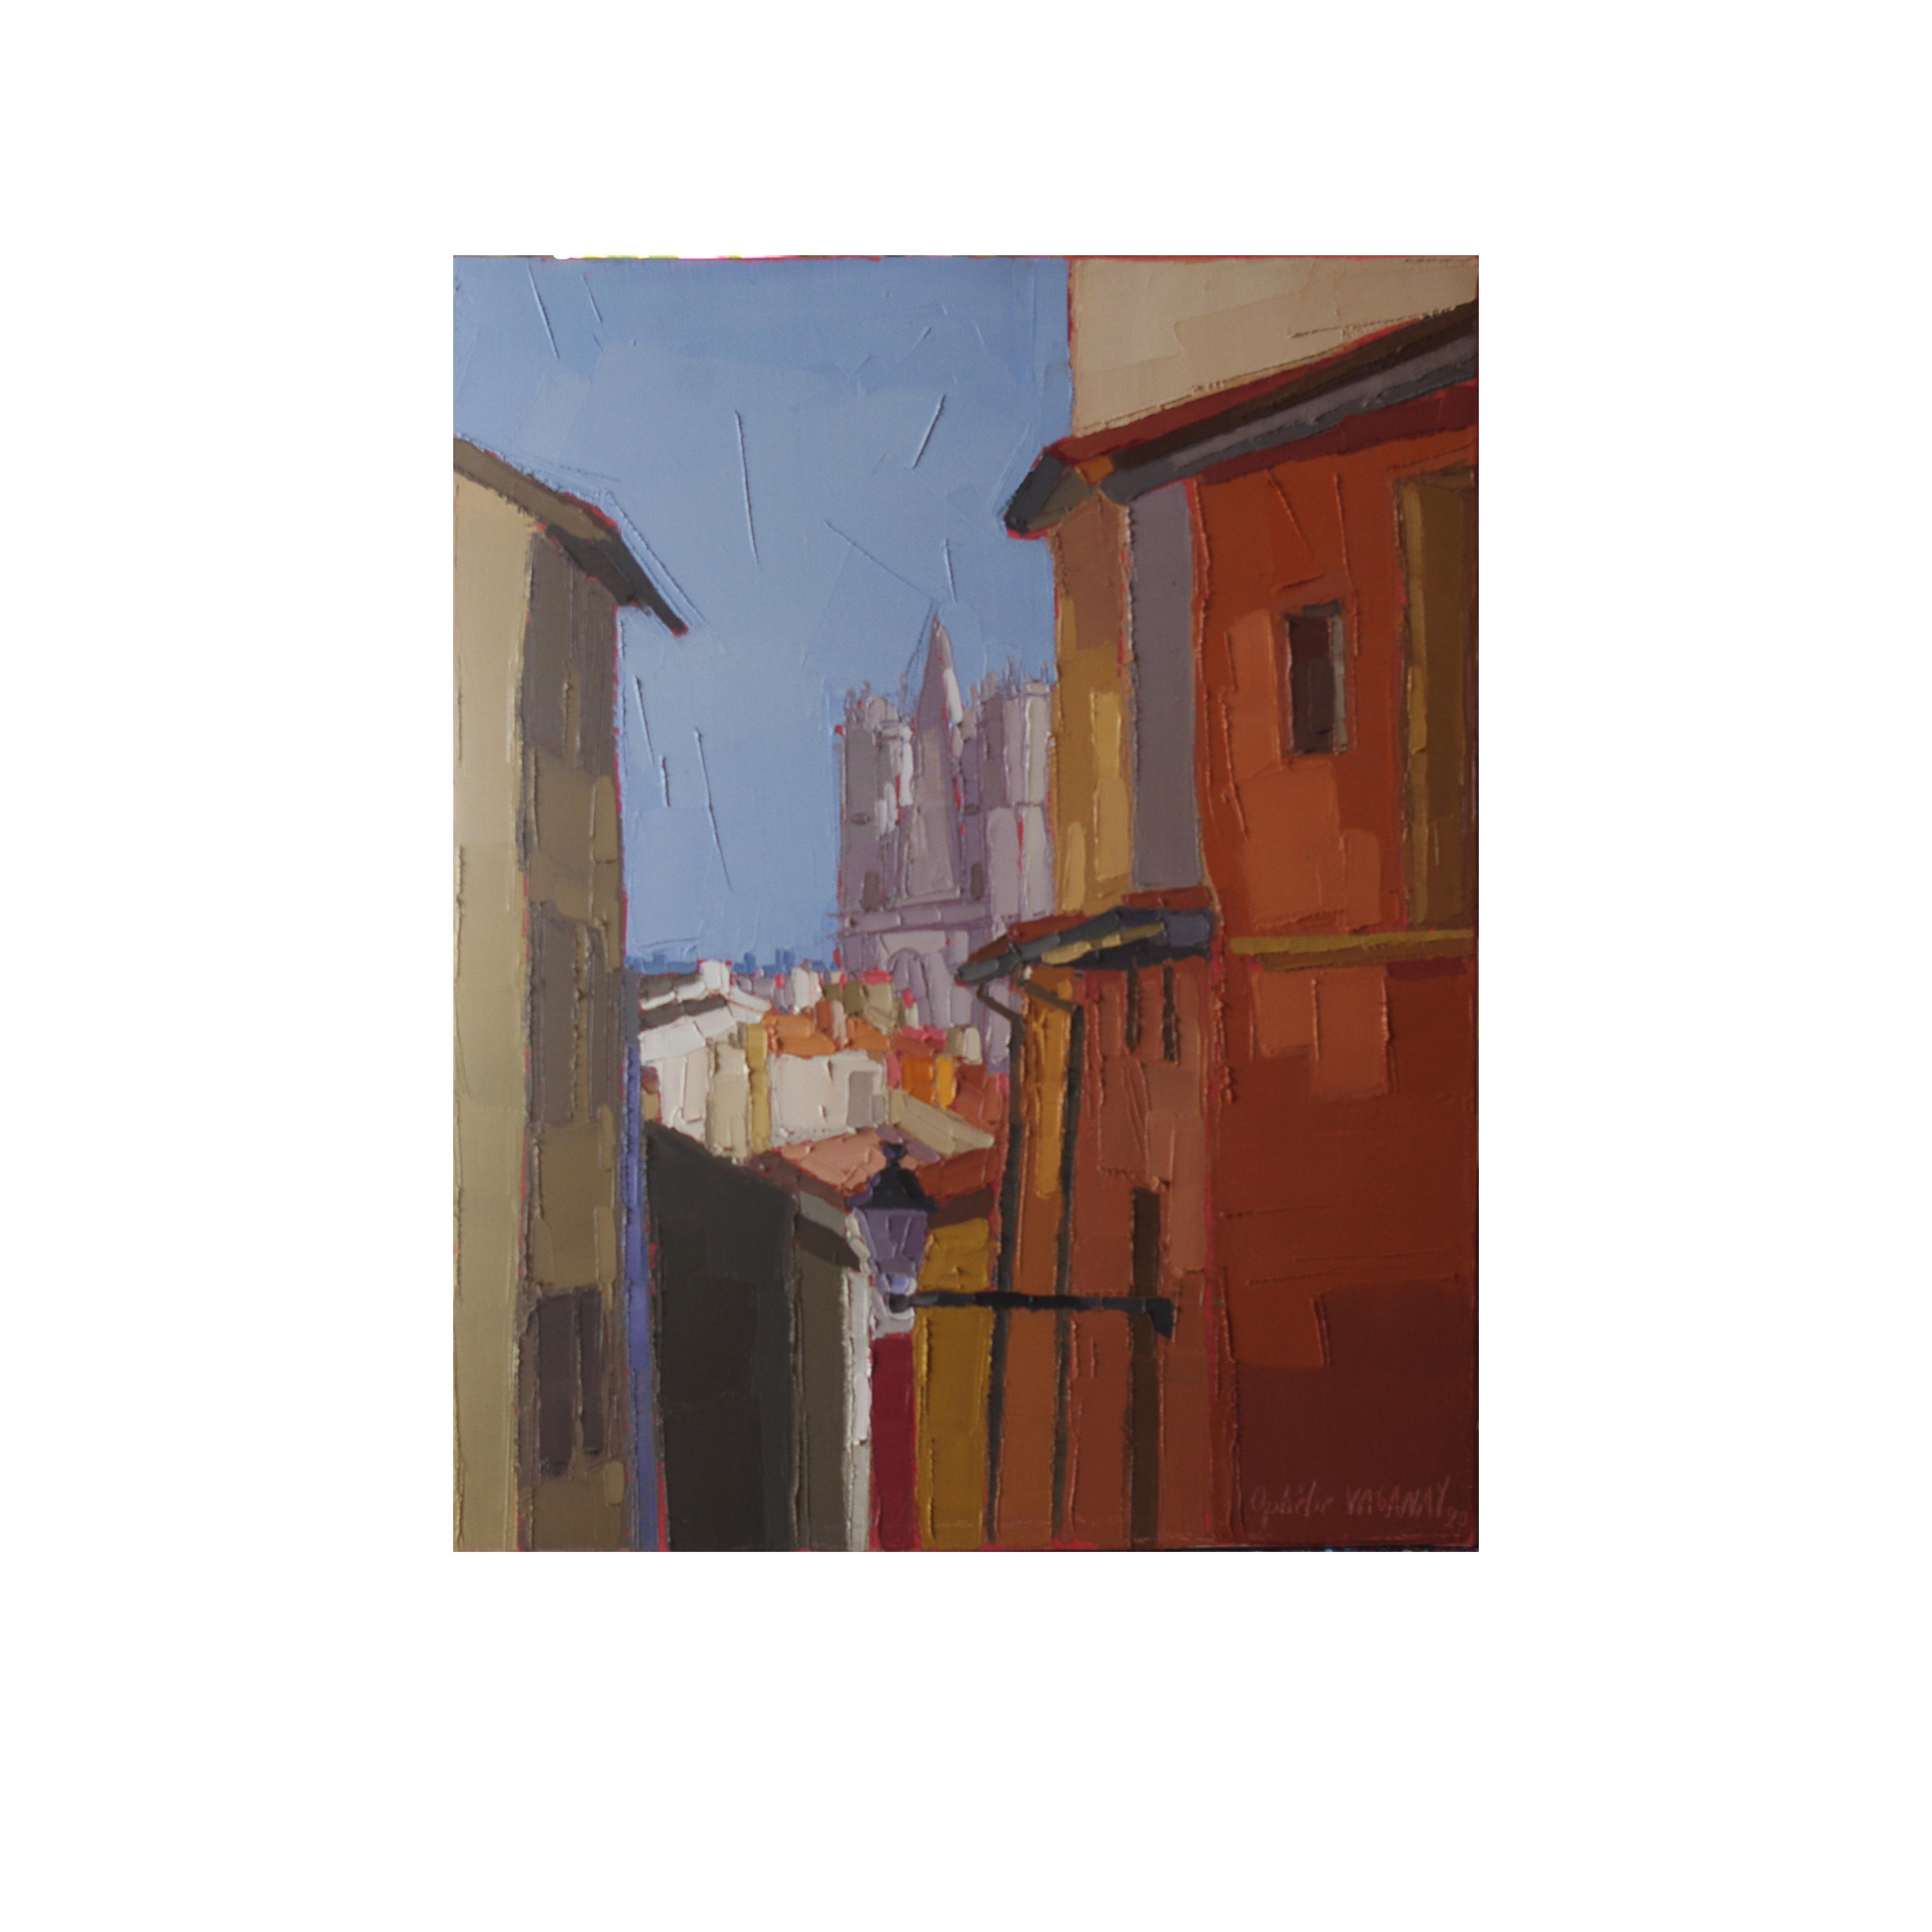 MONTEE DU GOURGUILLON 40×50